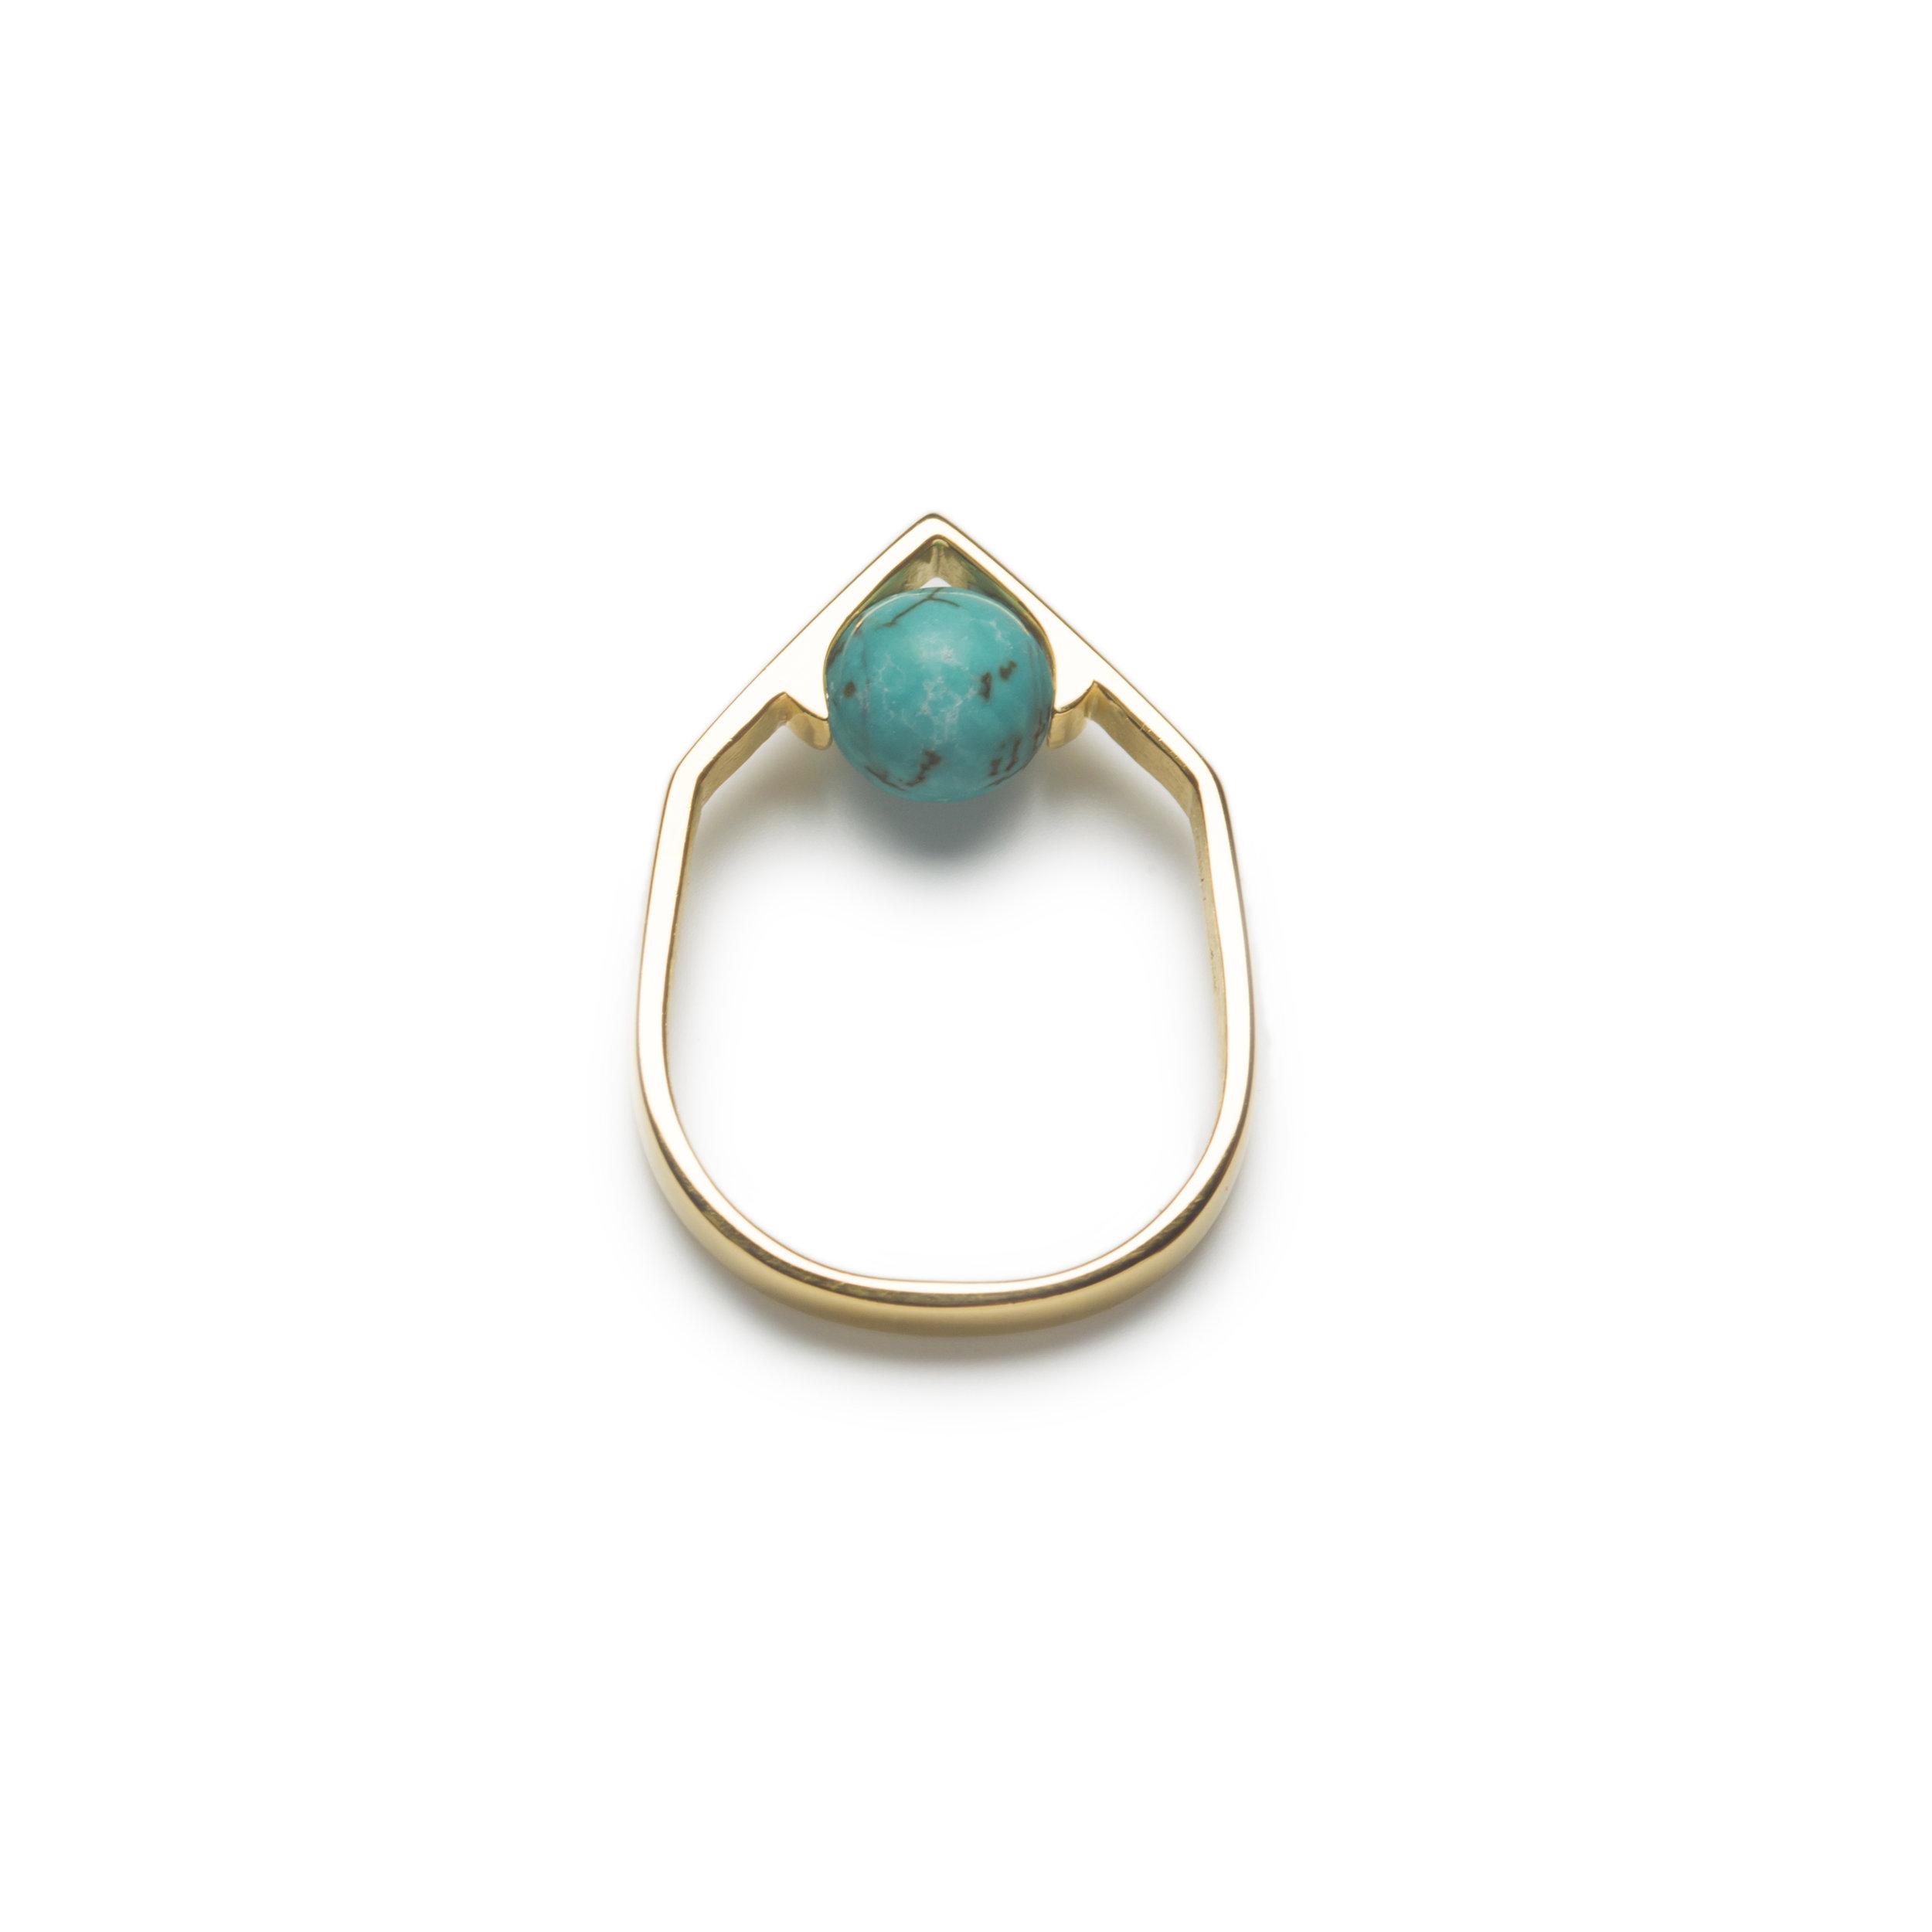 Lana_ring_w_turquoise_gold.jpg